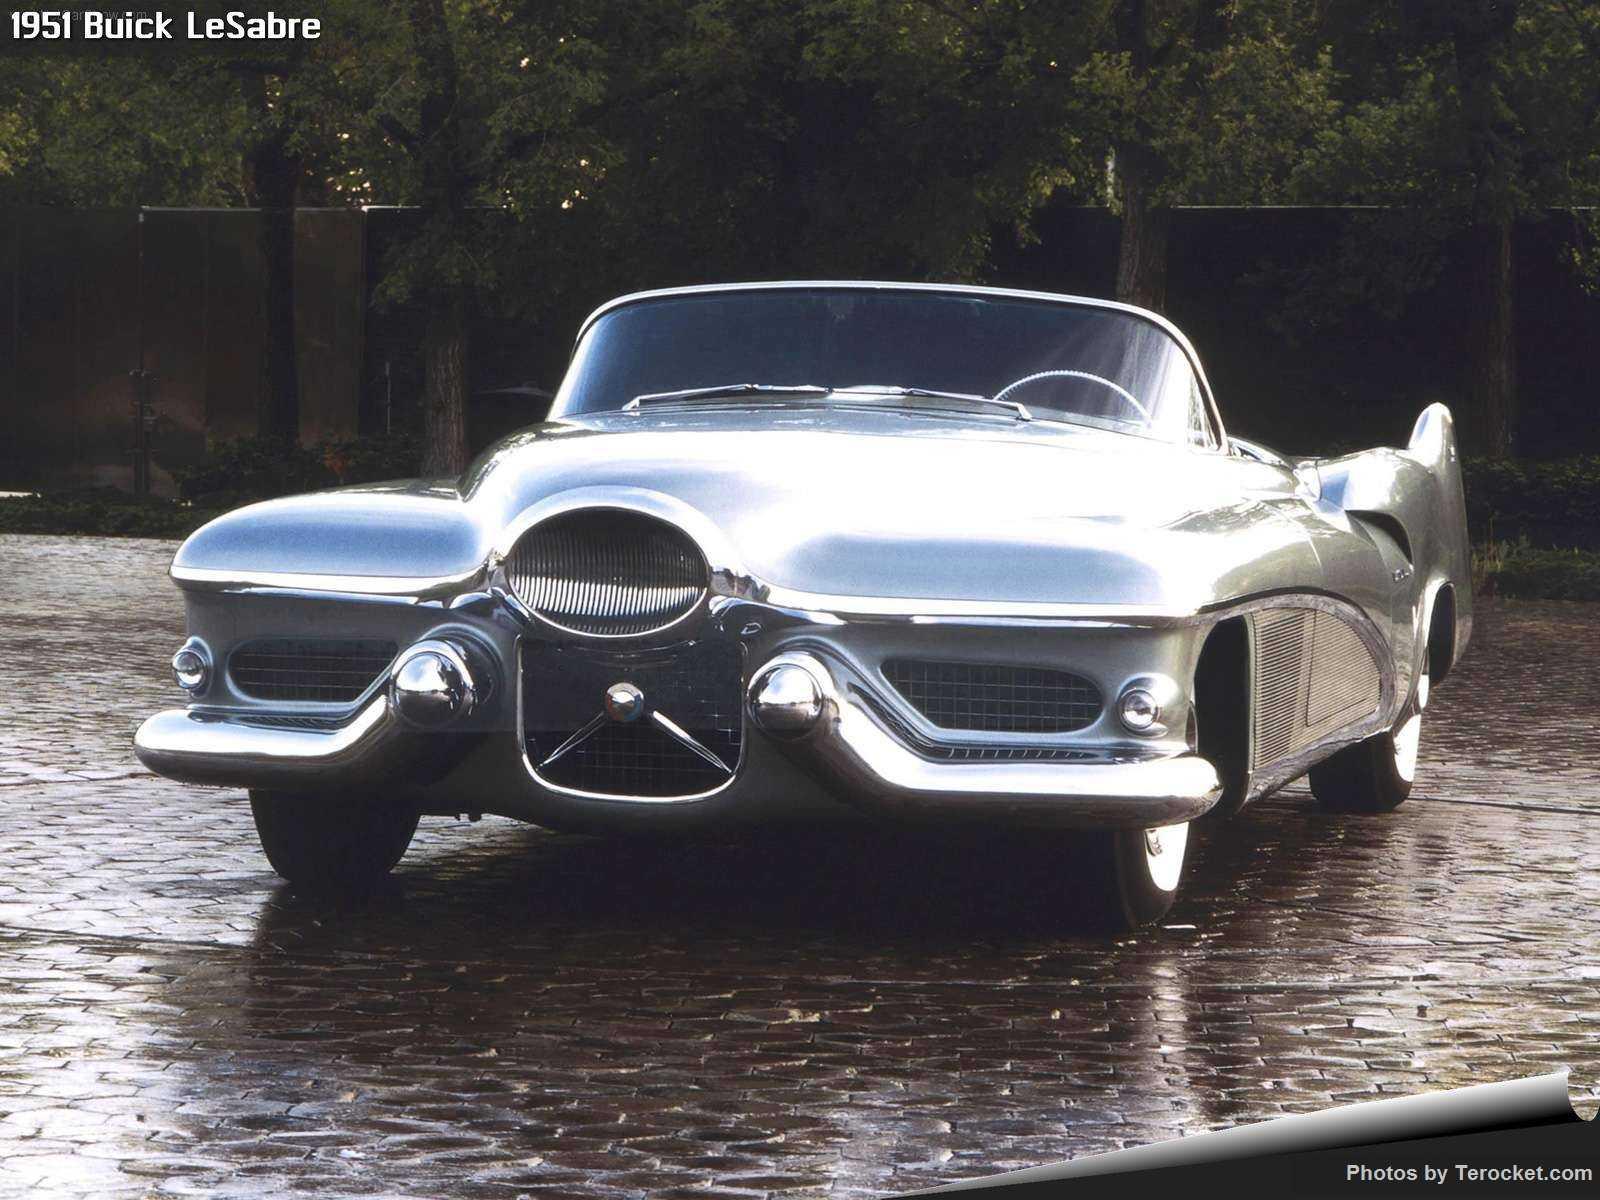 Hình ảnh xe ô tô Buick LeSabre 1951 & nội ngoại thất